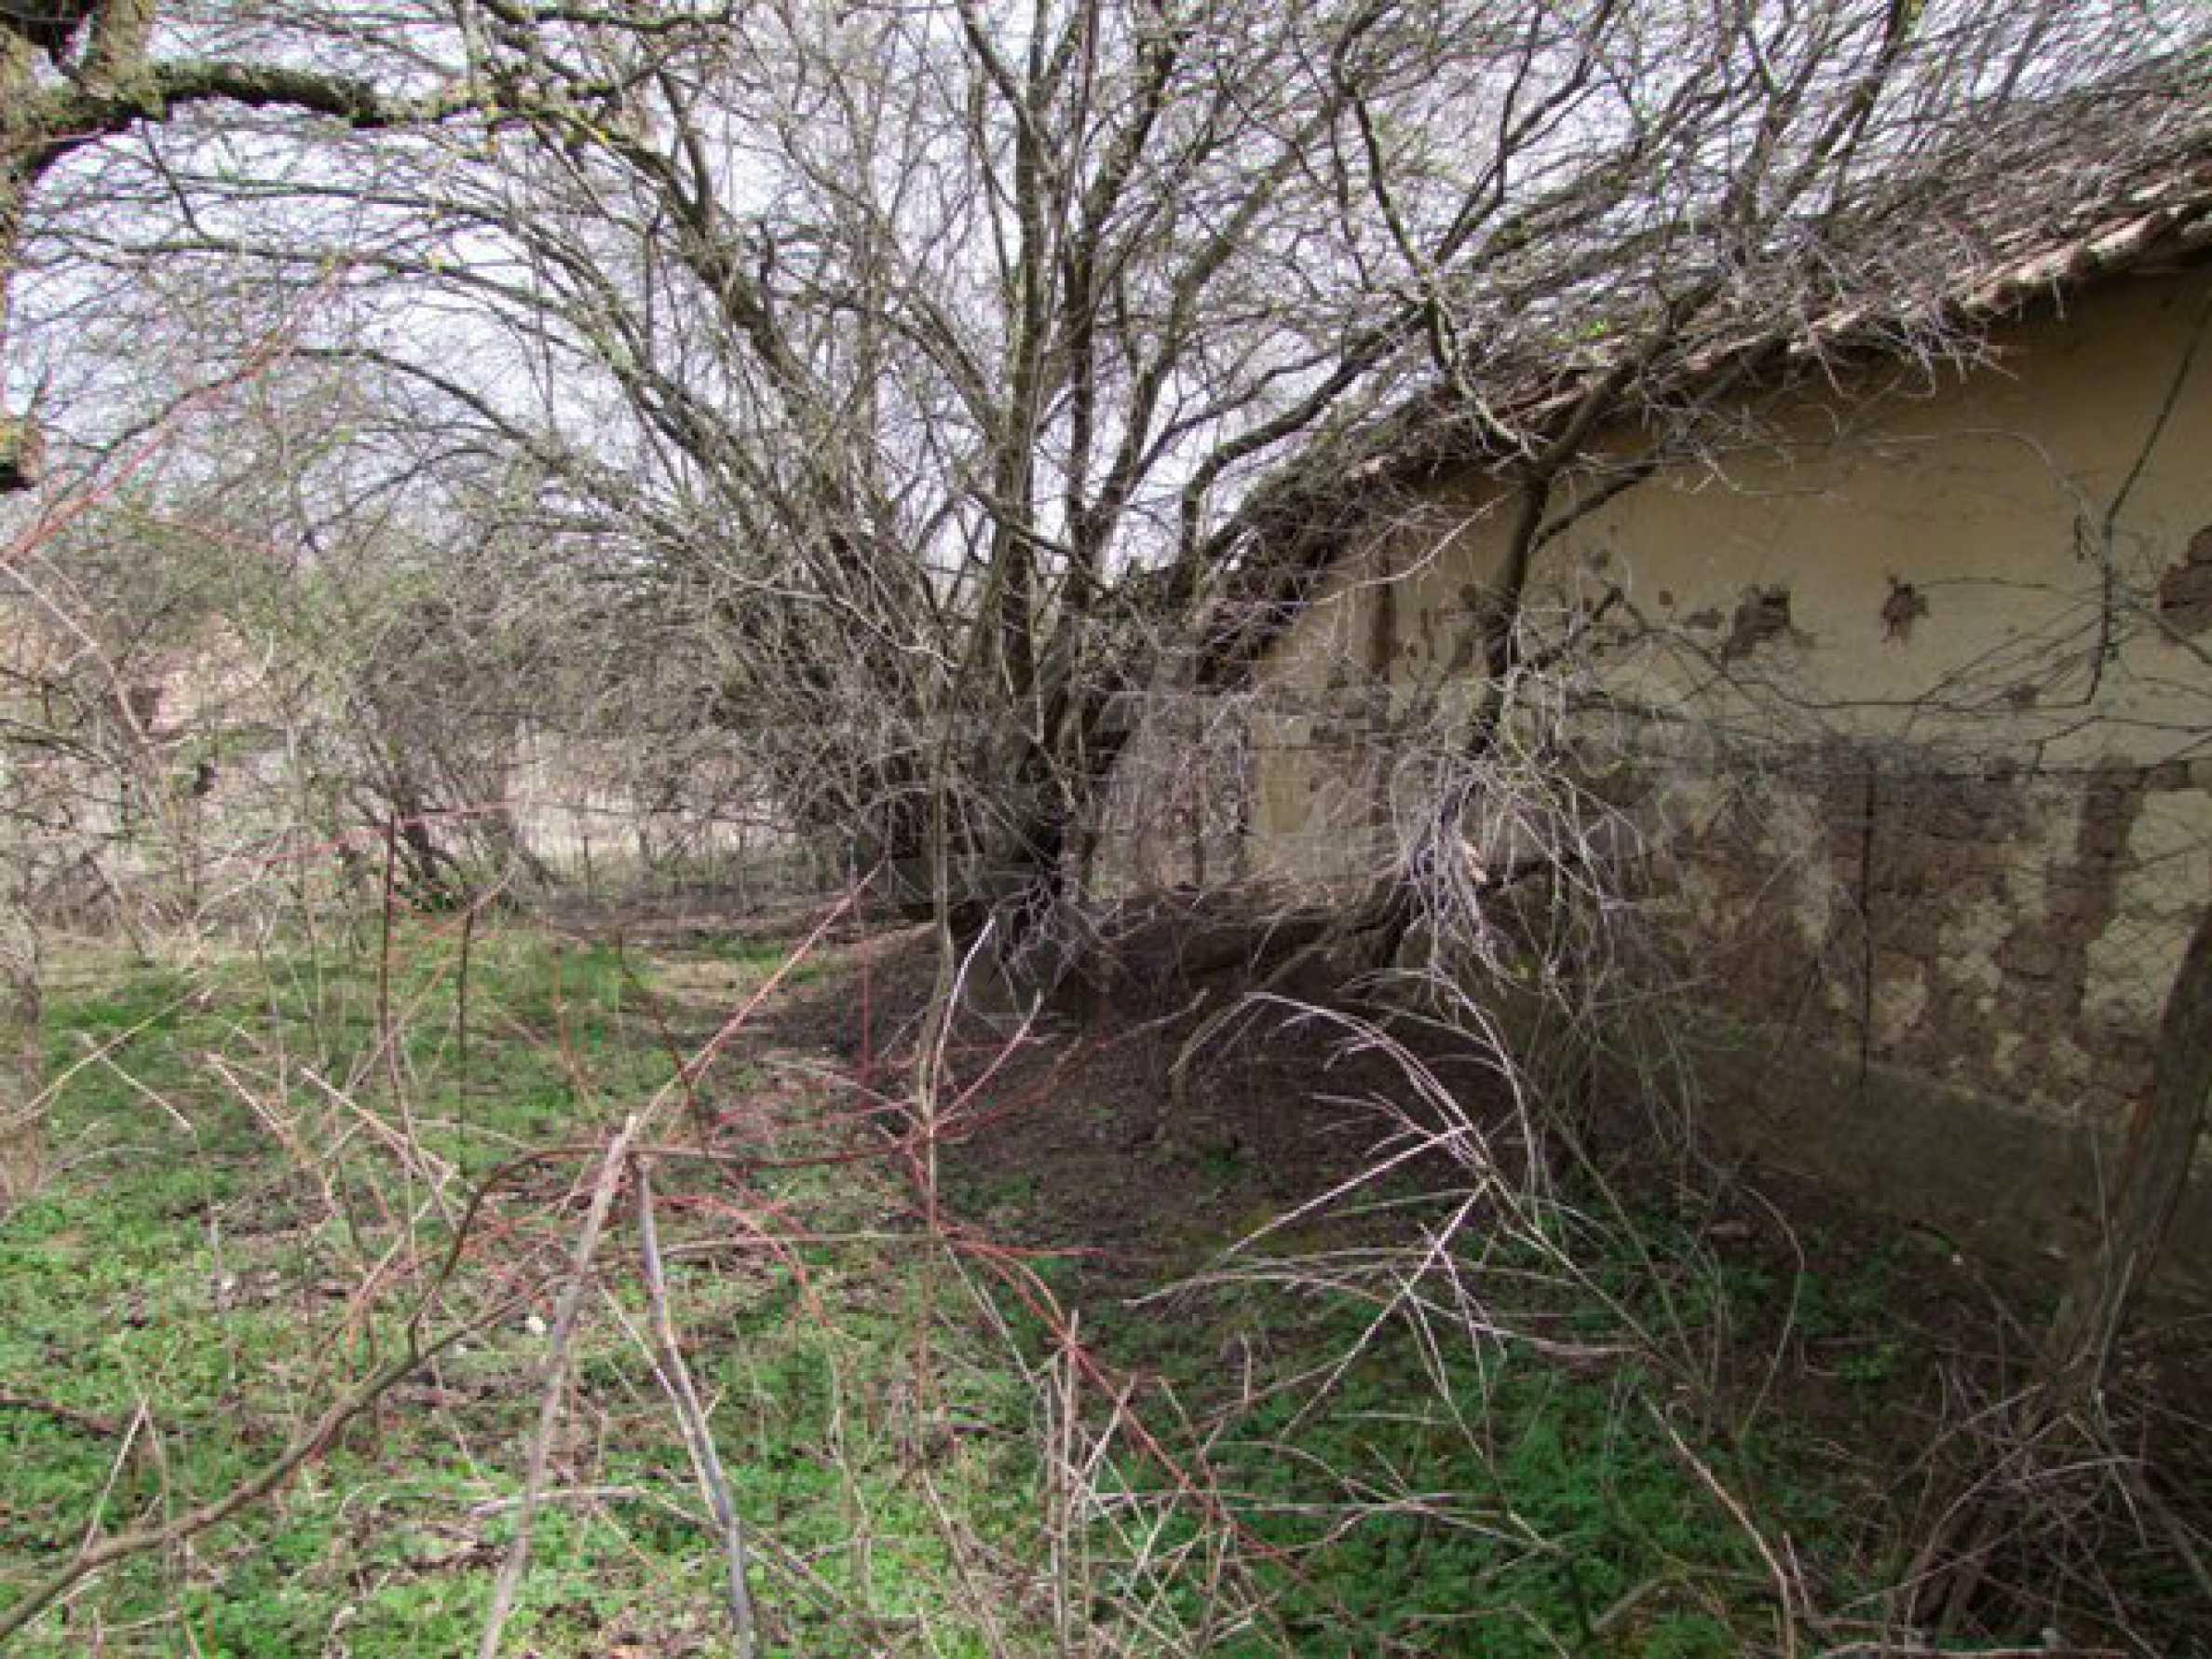 Backsteinhaus in einem Dorf, nur 100 Meter von der Hauptstraße entfernt 38